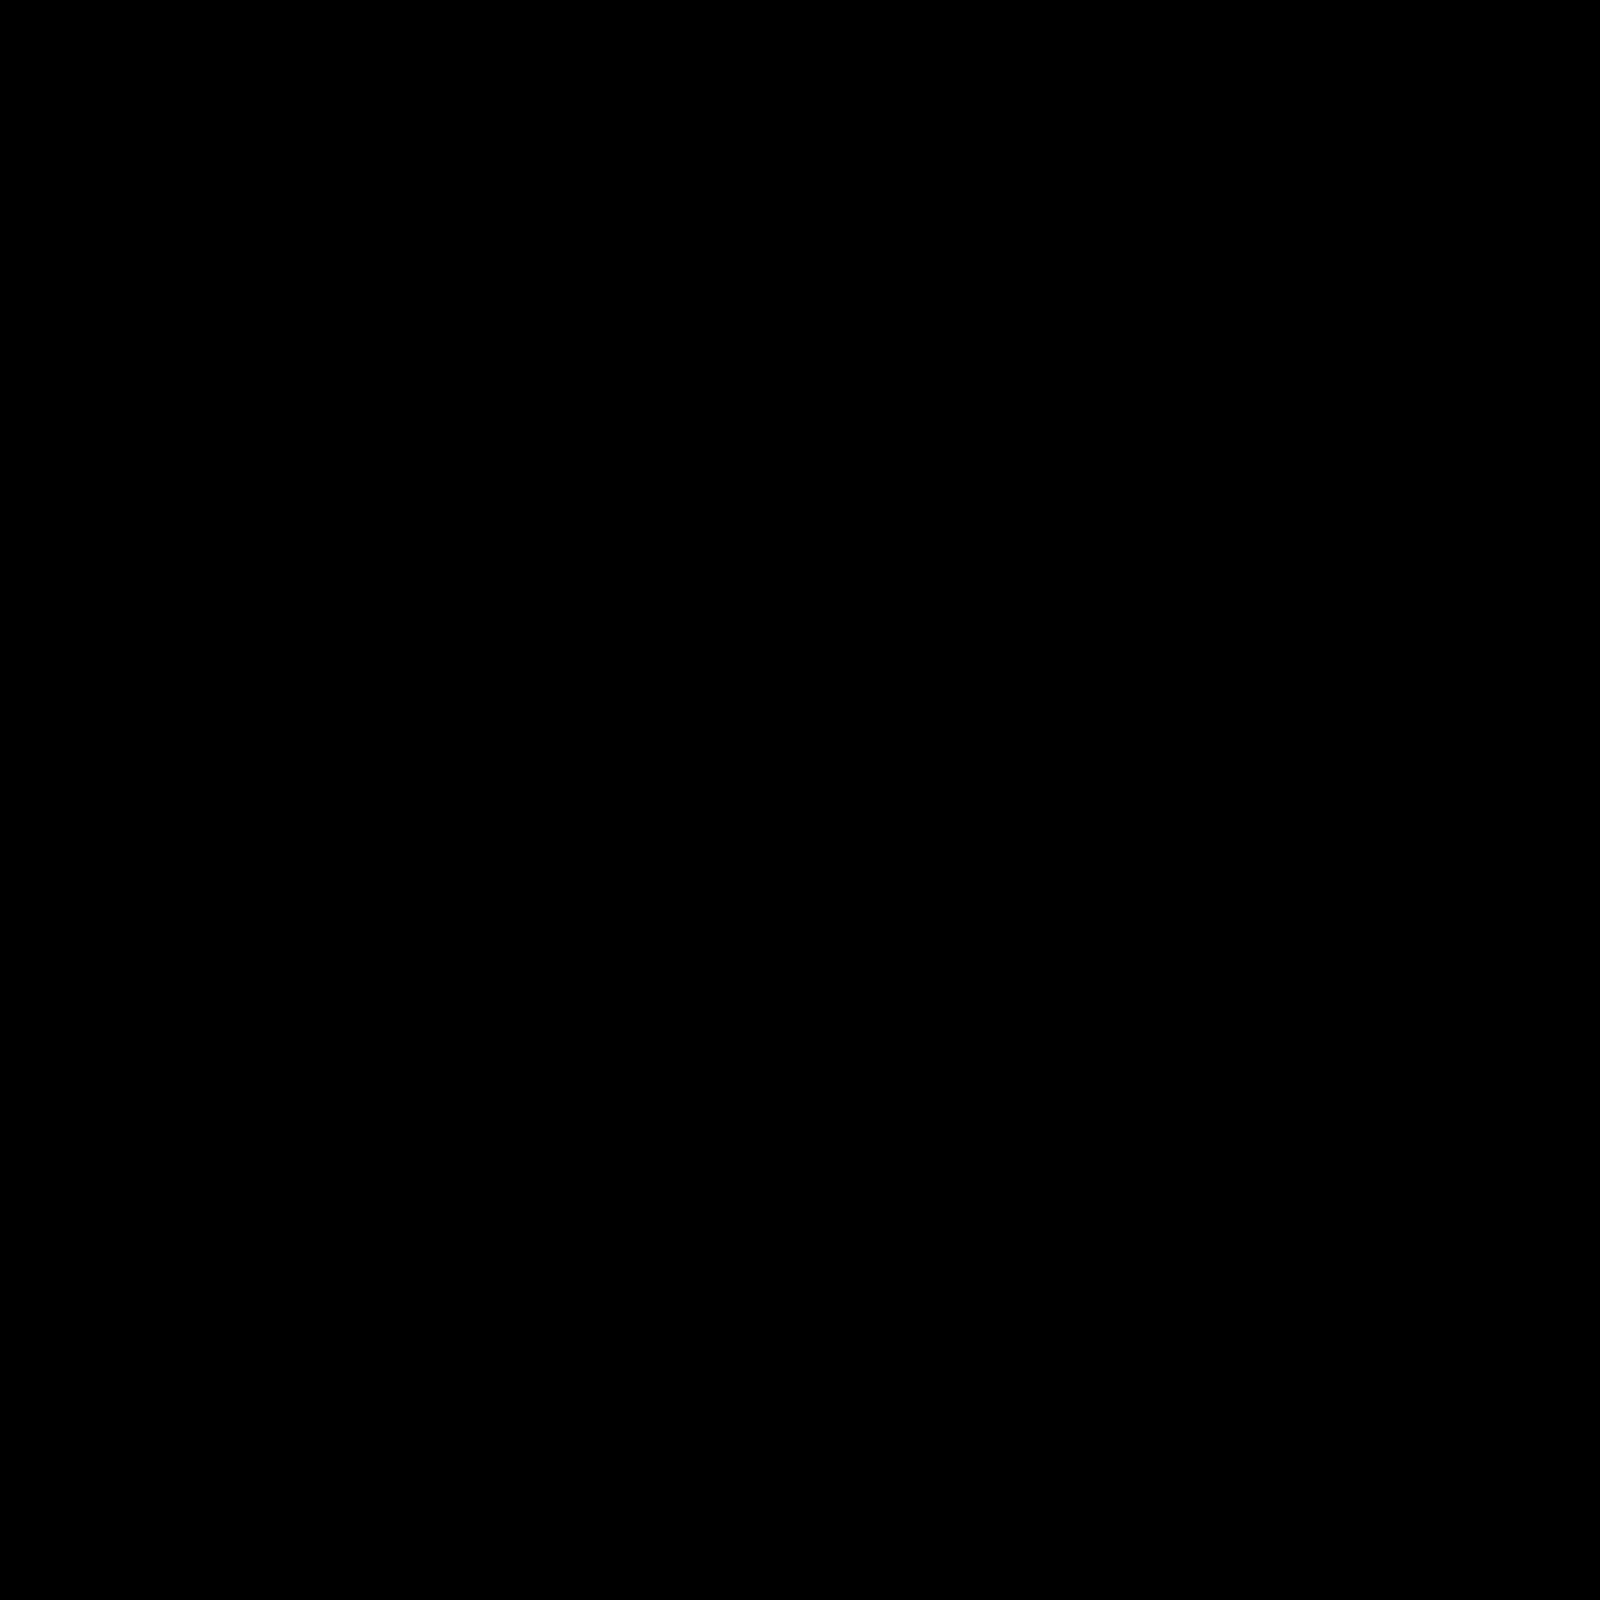 Kabelnetzwerk icon